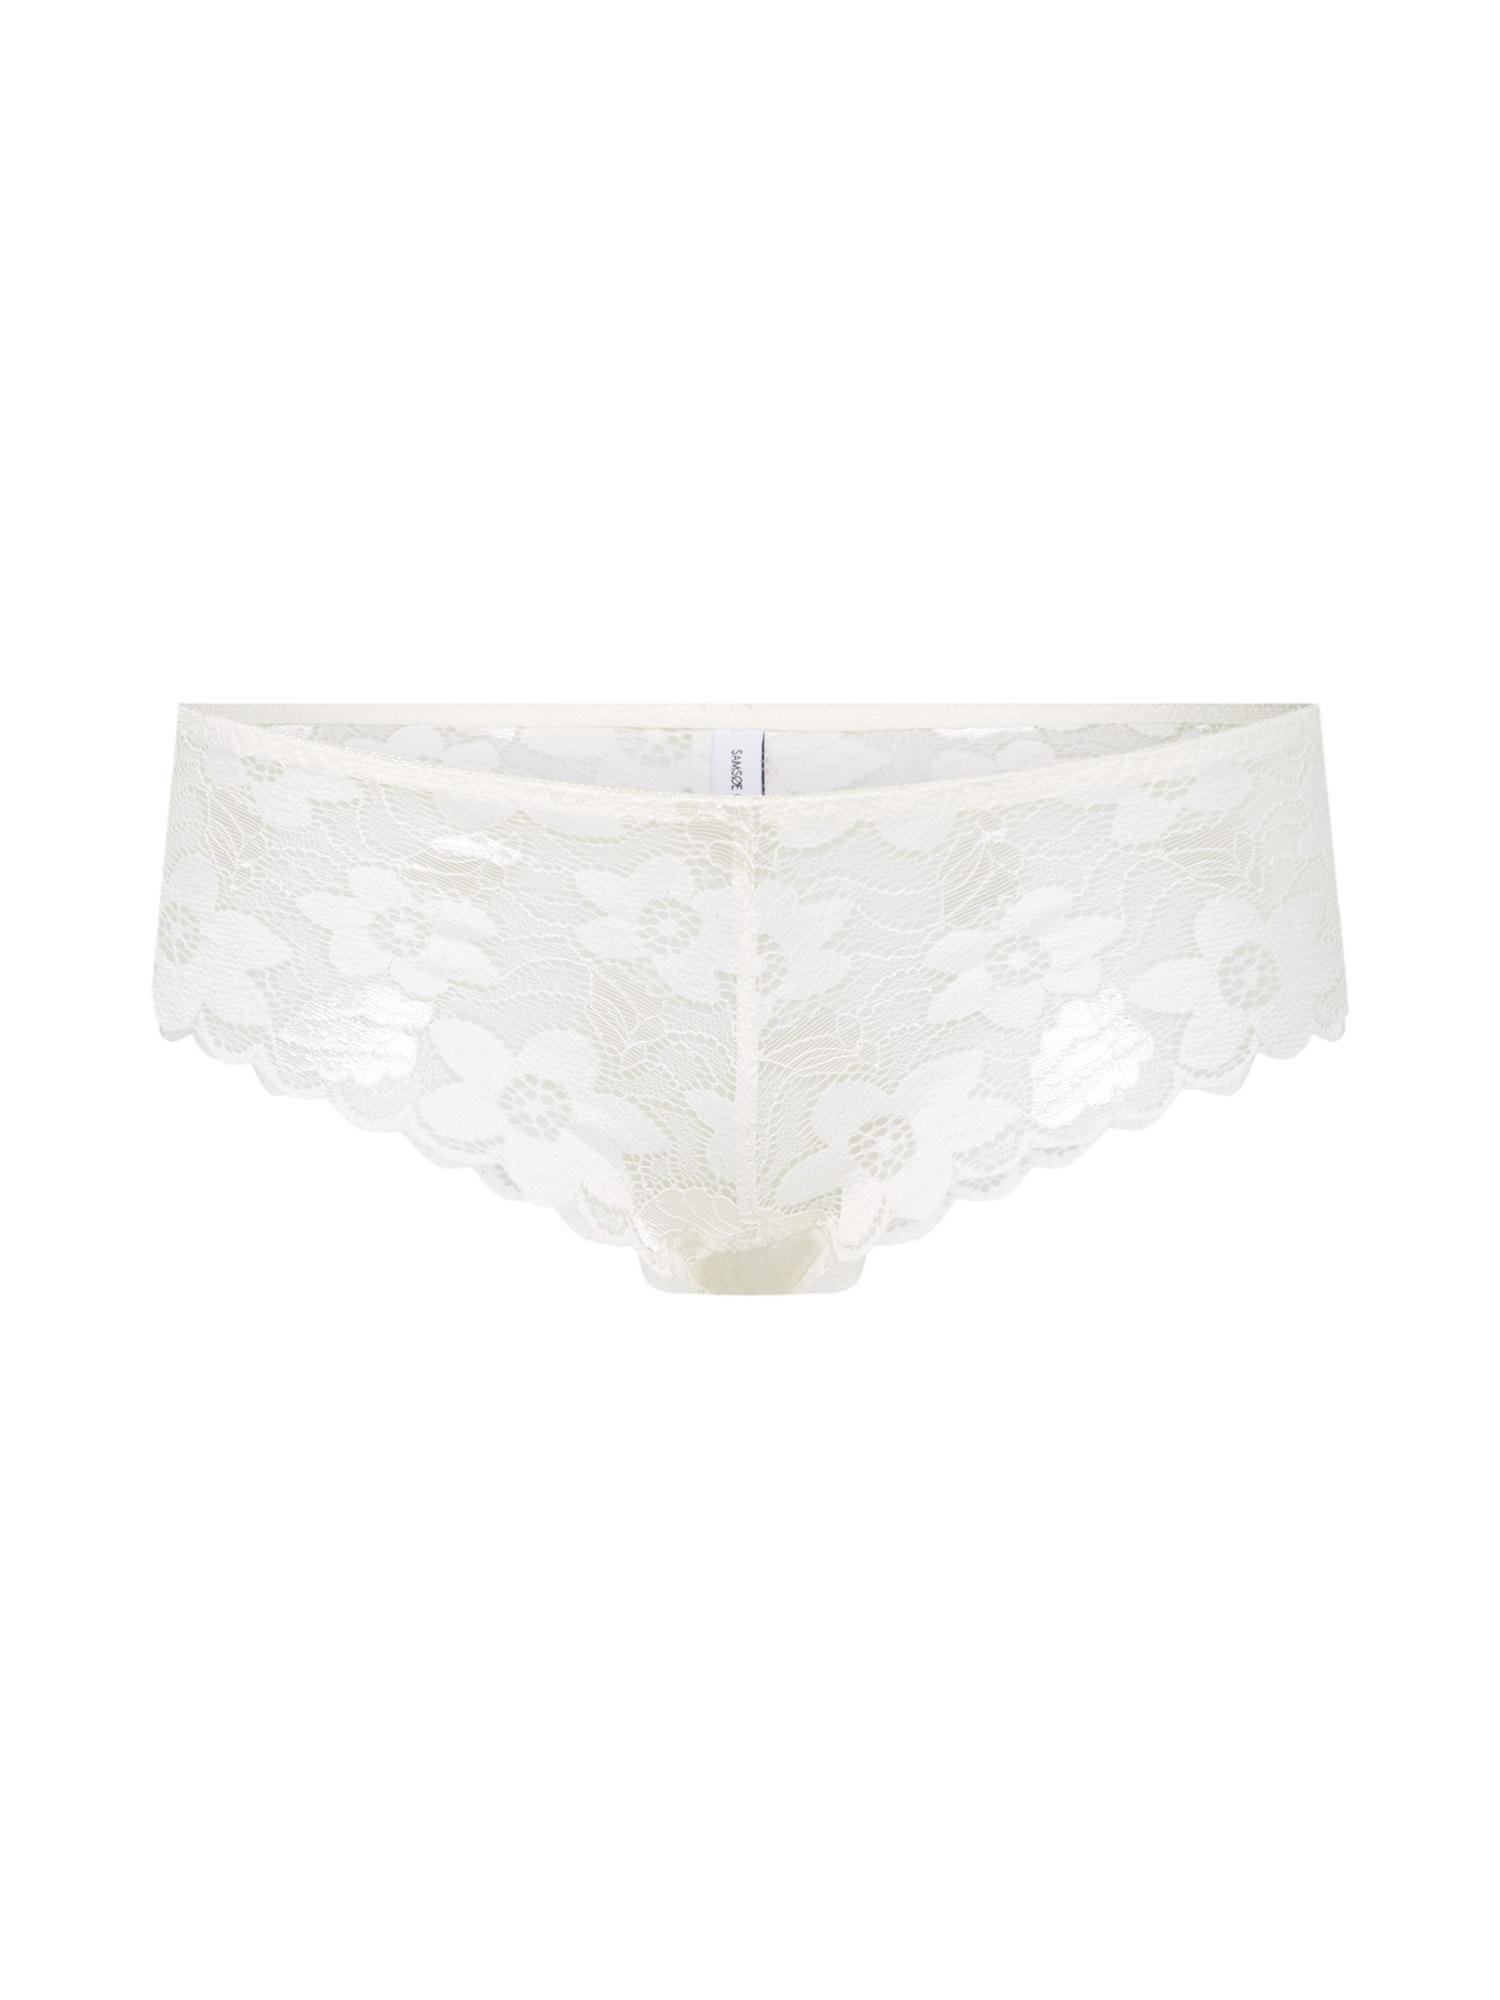 Kalhotky TANDY PANTIES 6356 krémová Samsoe & Samsoe